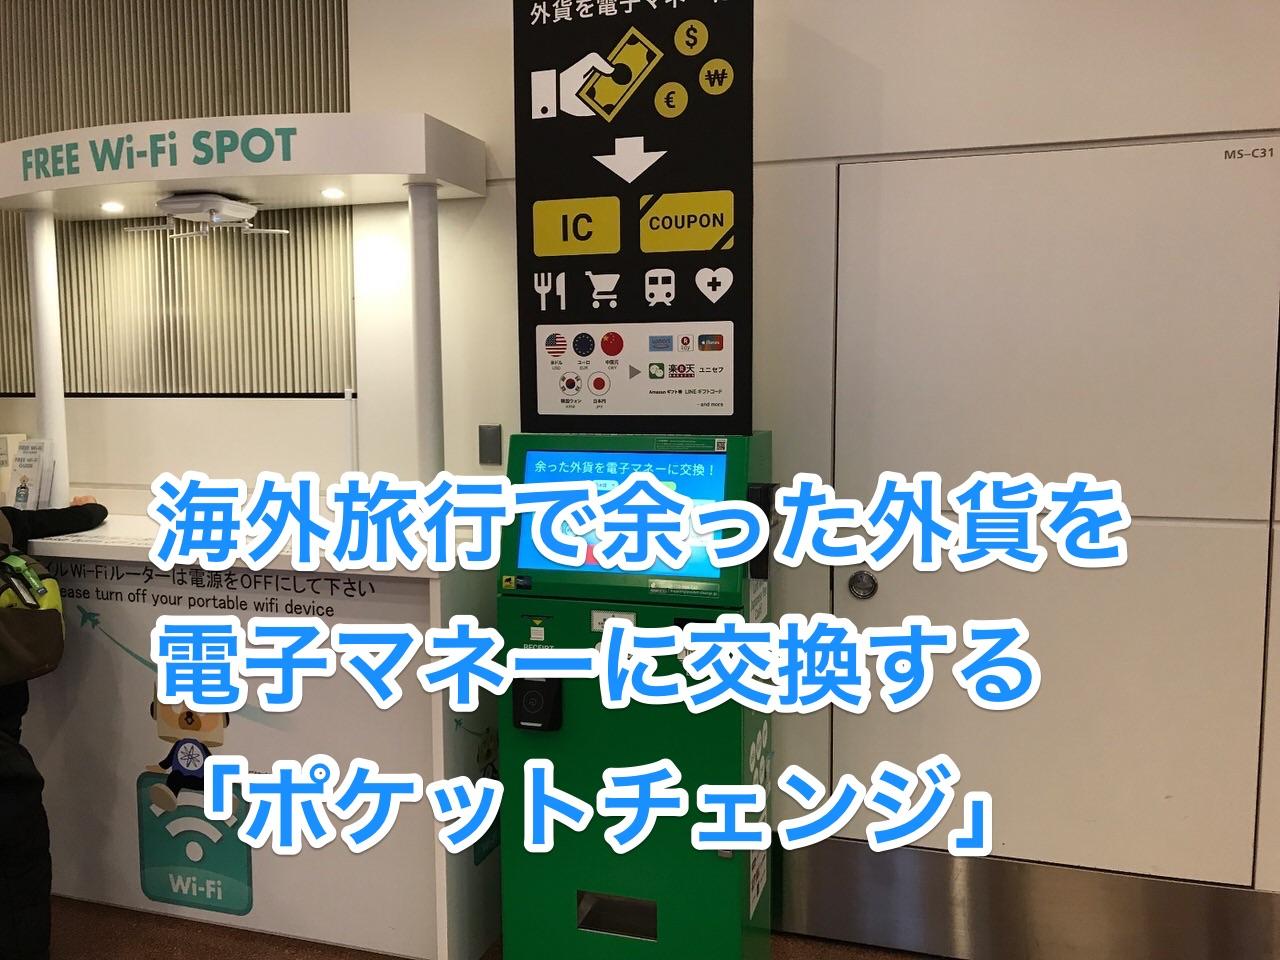 海外旅行で余った外貨を電子マネーに交換する端末「ポケットチェンジ」使い方(羽田空港)